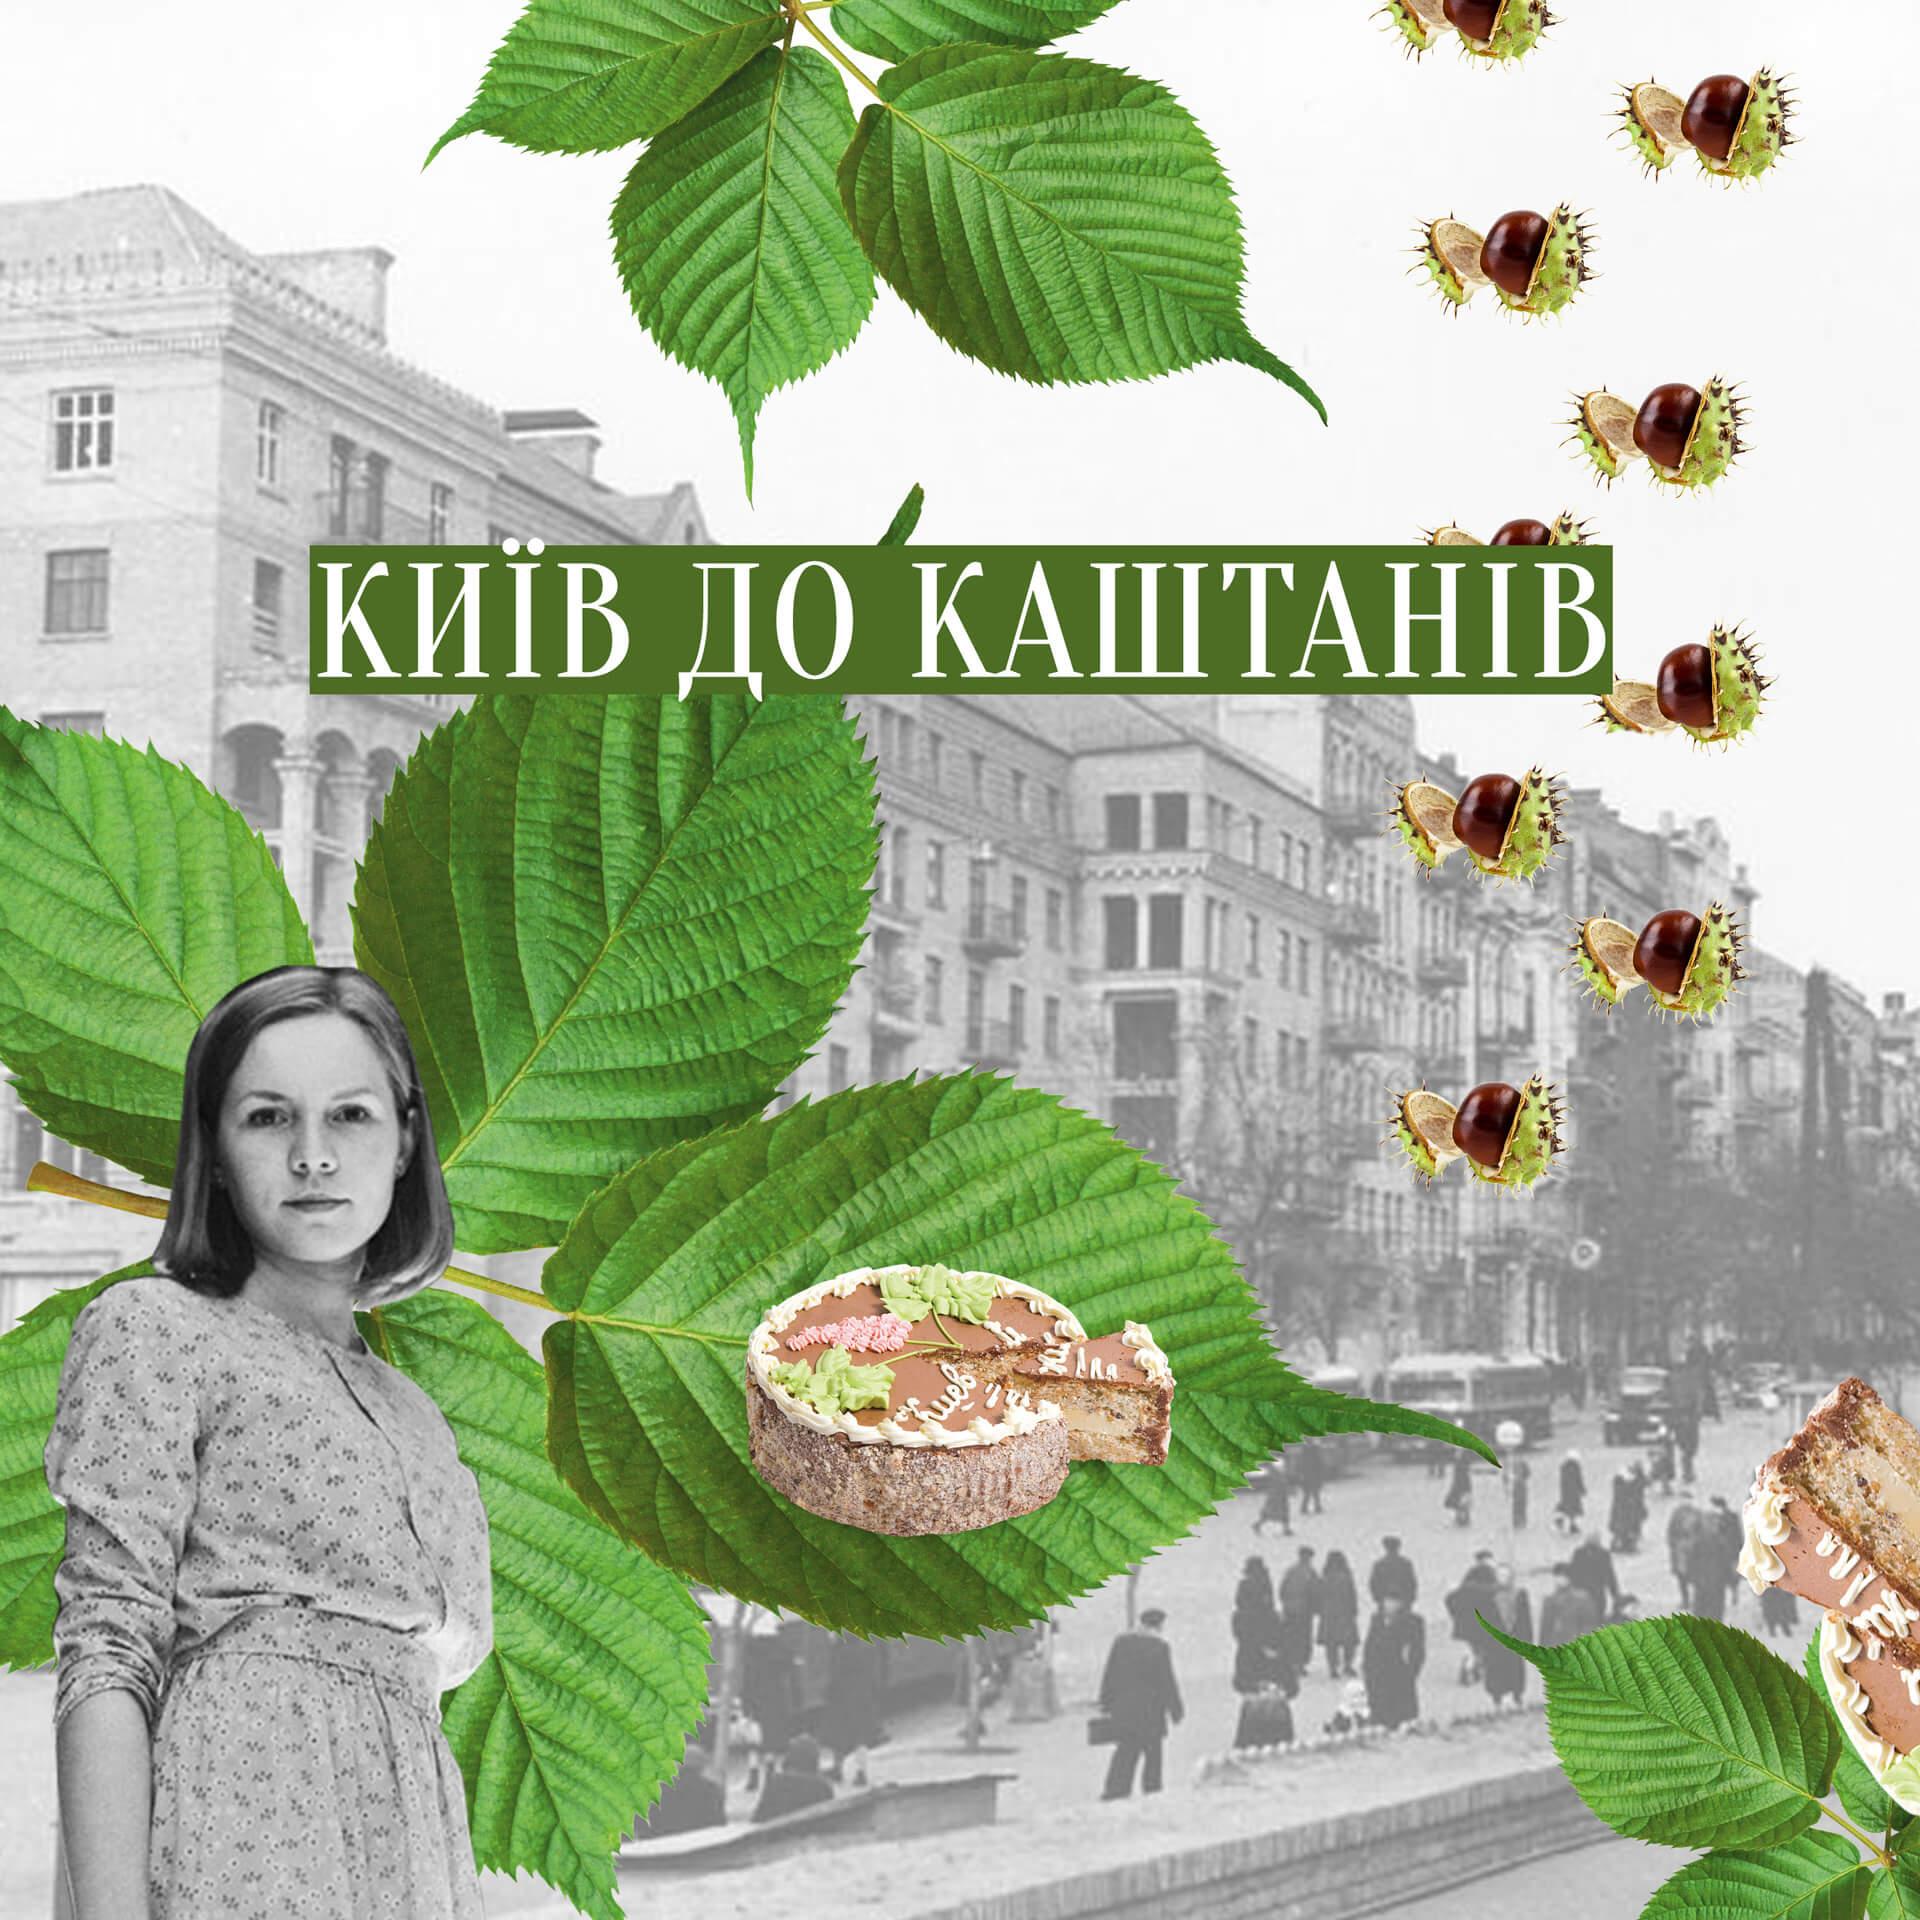 Киев до каштанов_квадрат